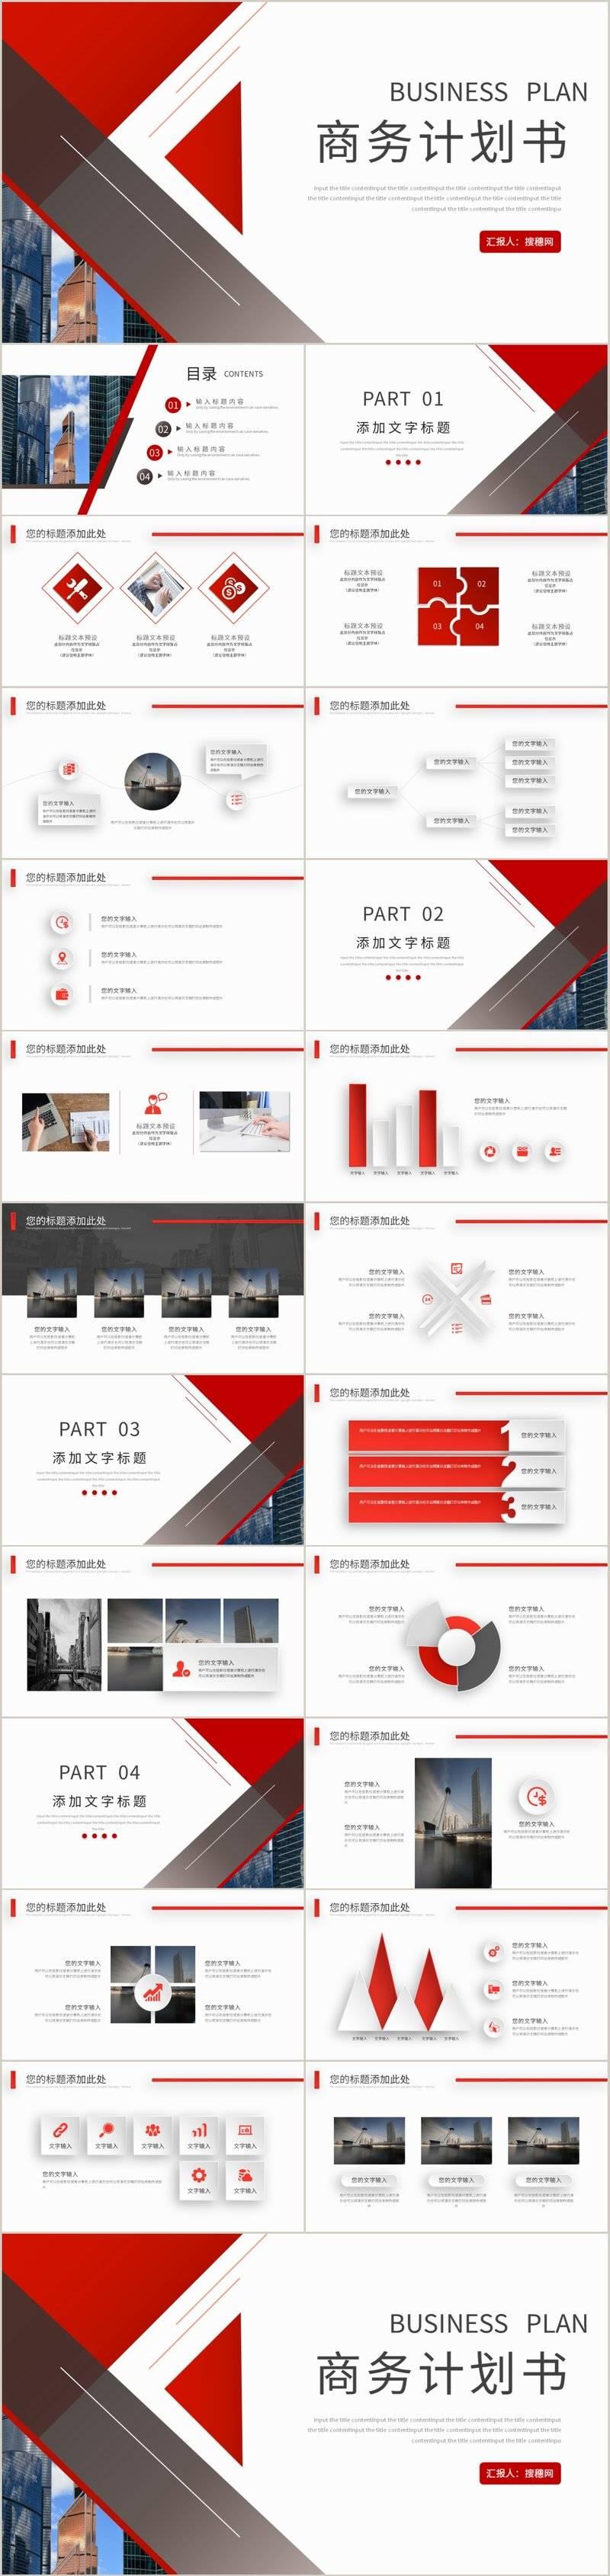 简约大气红色公司项目介绍推广商业计划书PPT模板